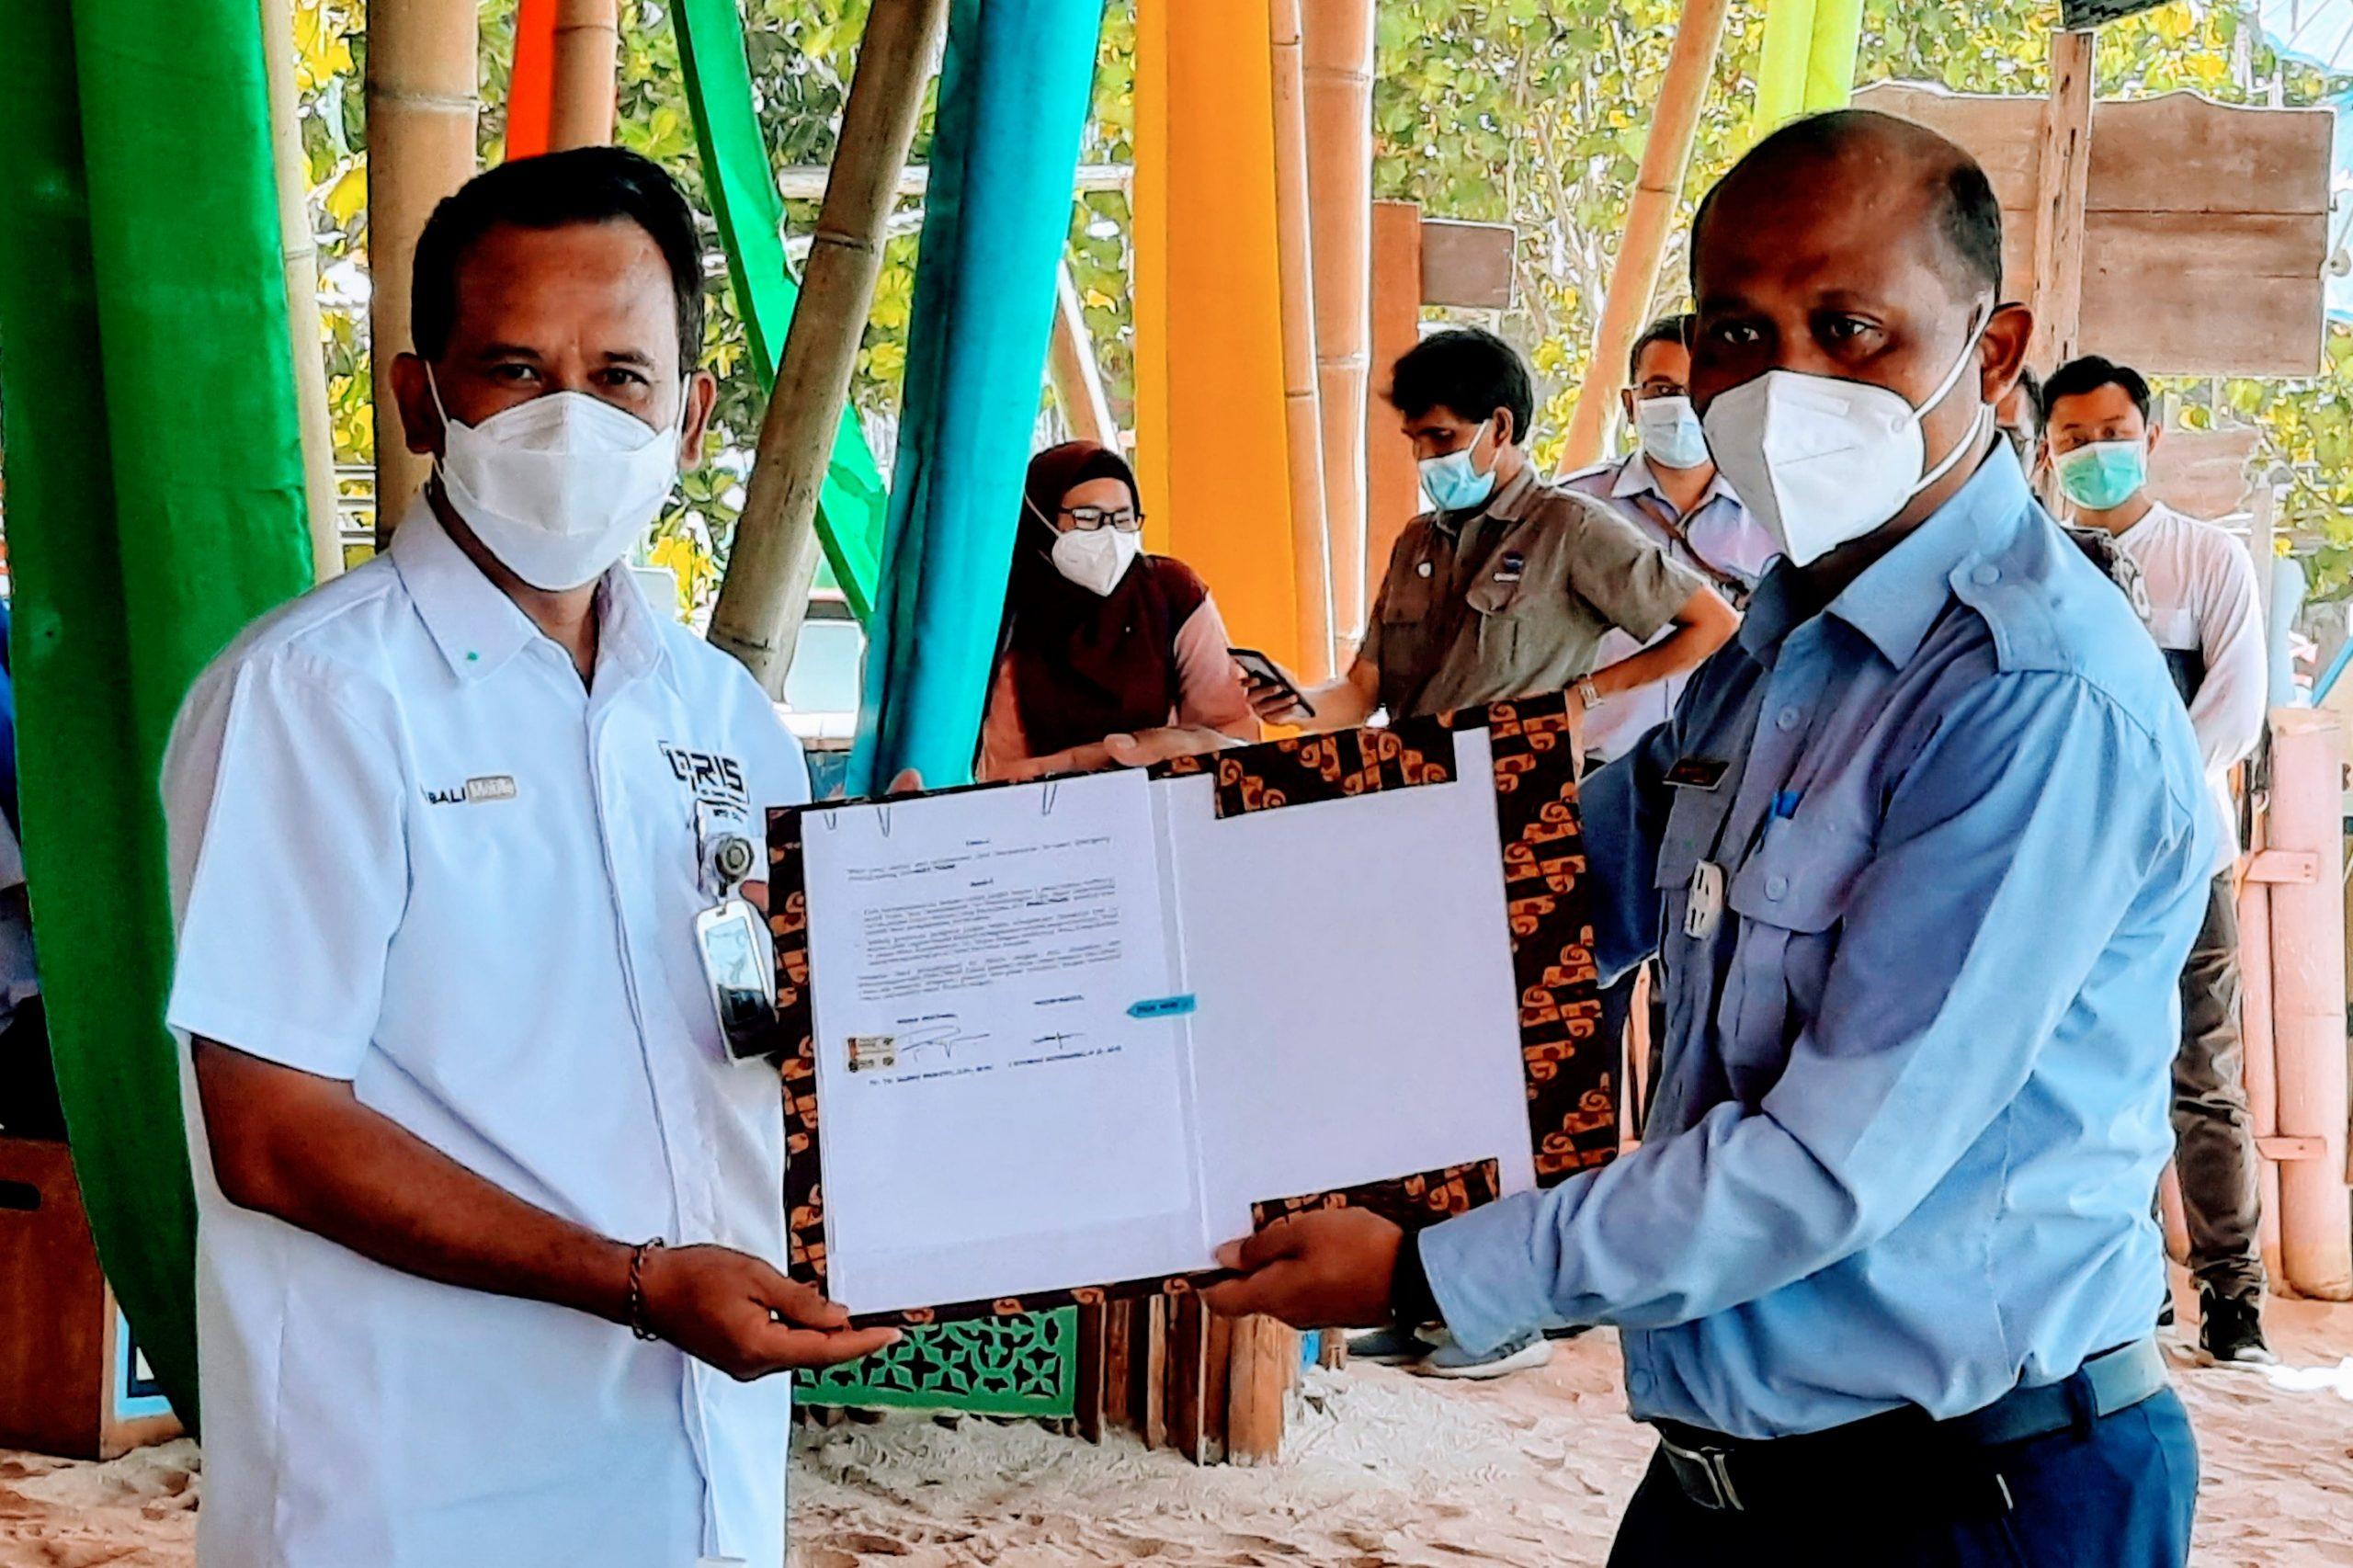 DIREKTUR Utama Bank BPD Bali, I Nyoman Sudharma, usai penandatangan kerjasama dengan Kementerian Kelautan dan Perikanan di Pantai Pandawa, Badung, Jumat (30/10/2020). Foto: ist